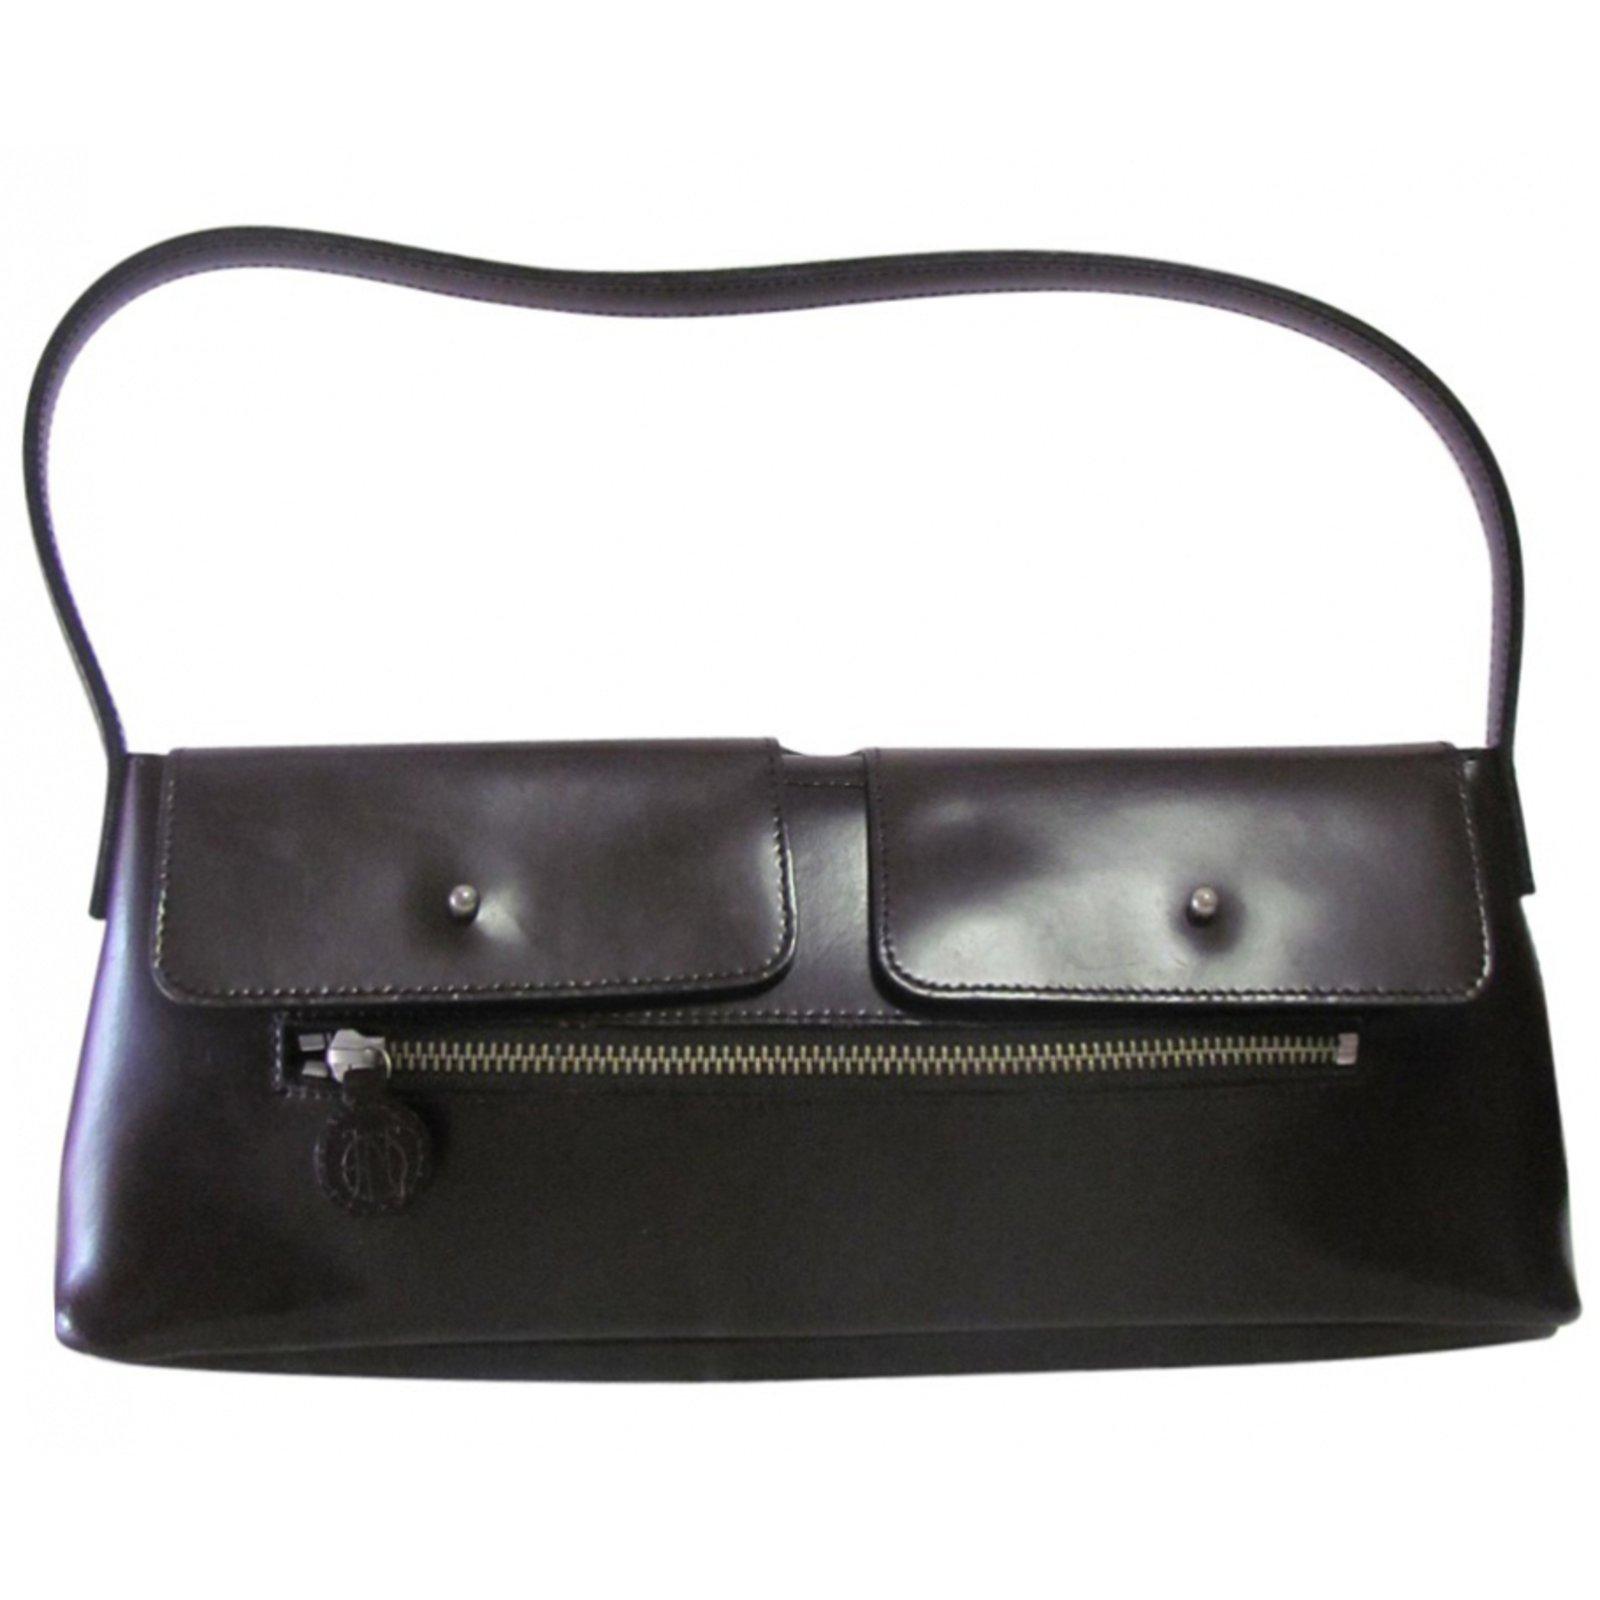 Sacs à Main Jean Paul Gaultier : Sacs ? main jean paul gaultier cuir marron ref